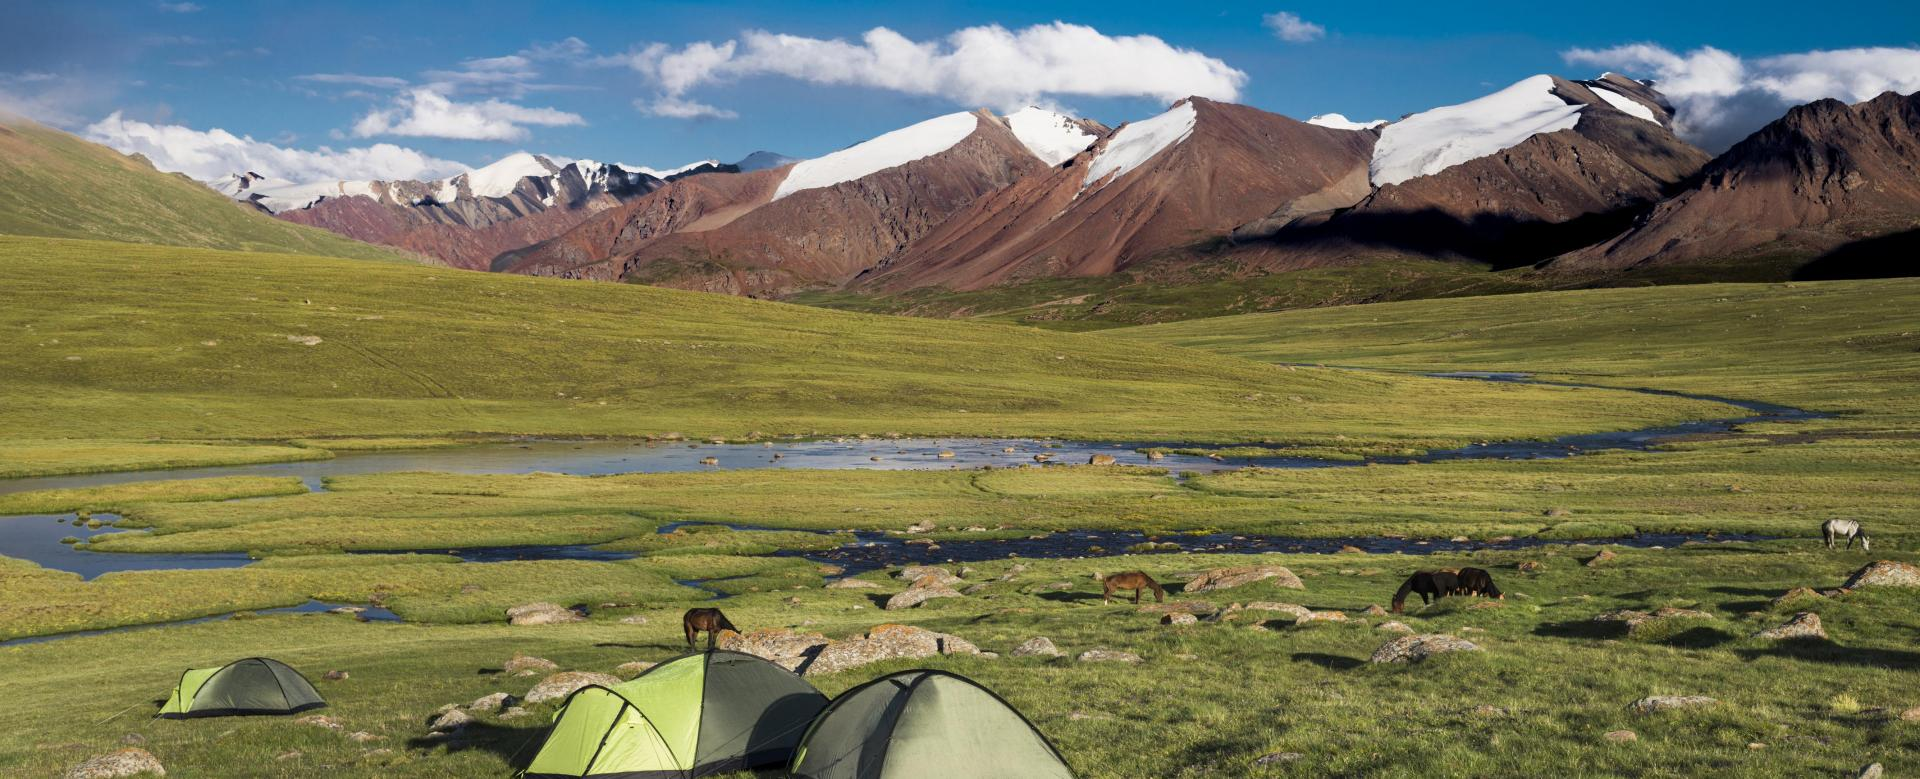 Voyage à pied : Grand trek dans les monts célestes